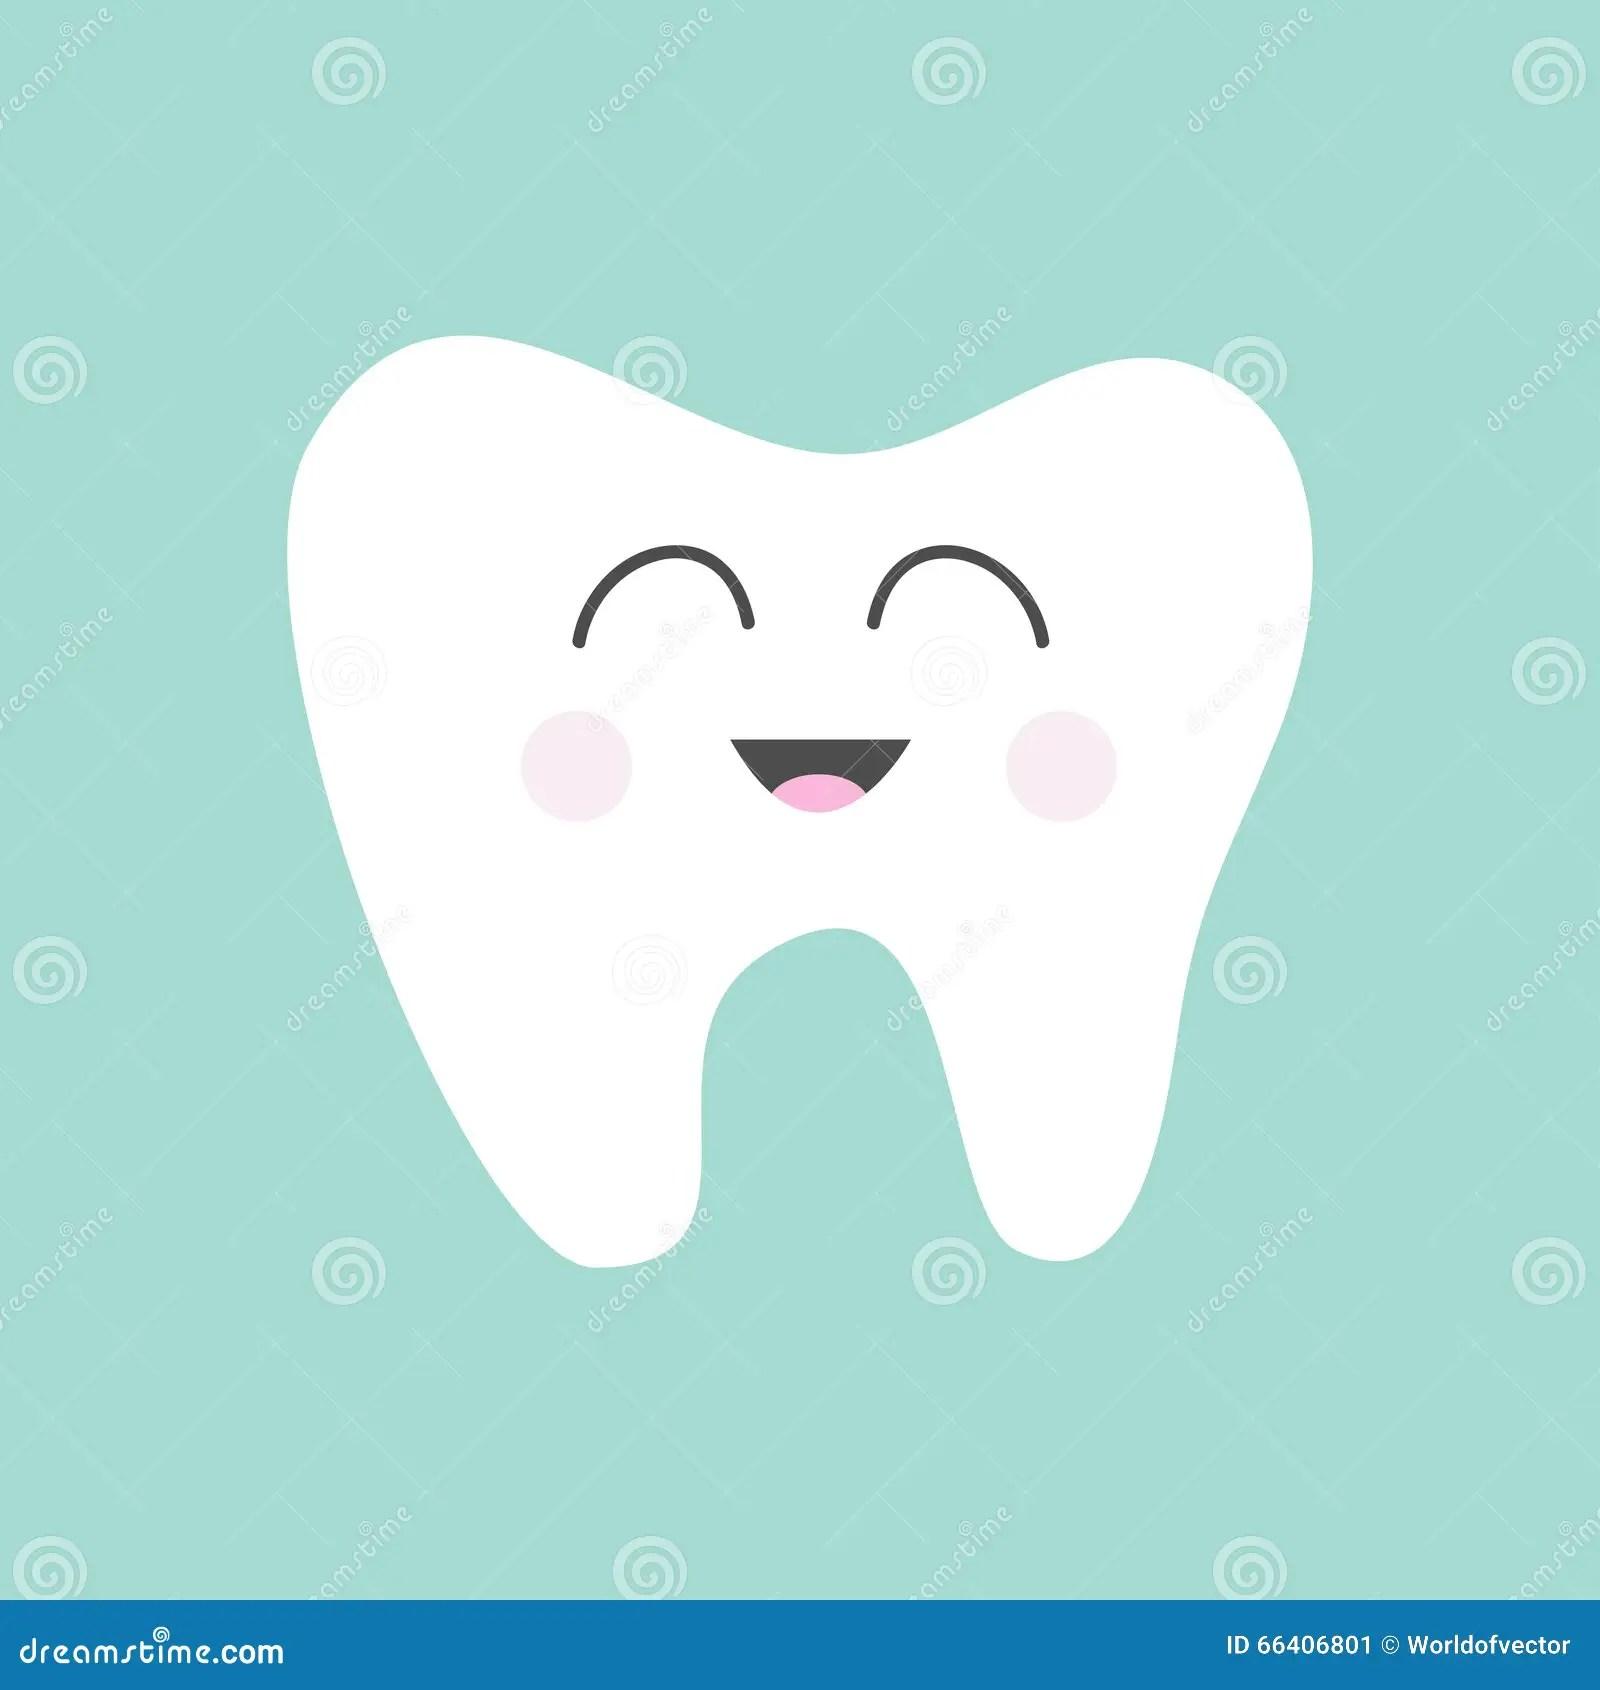 Cute Teeth Worksheet